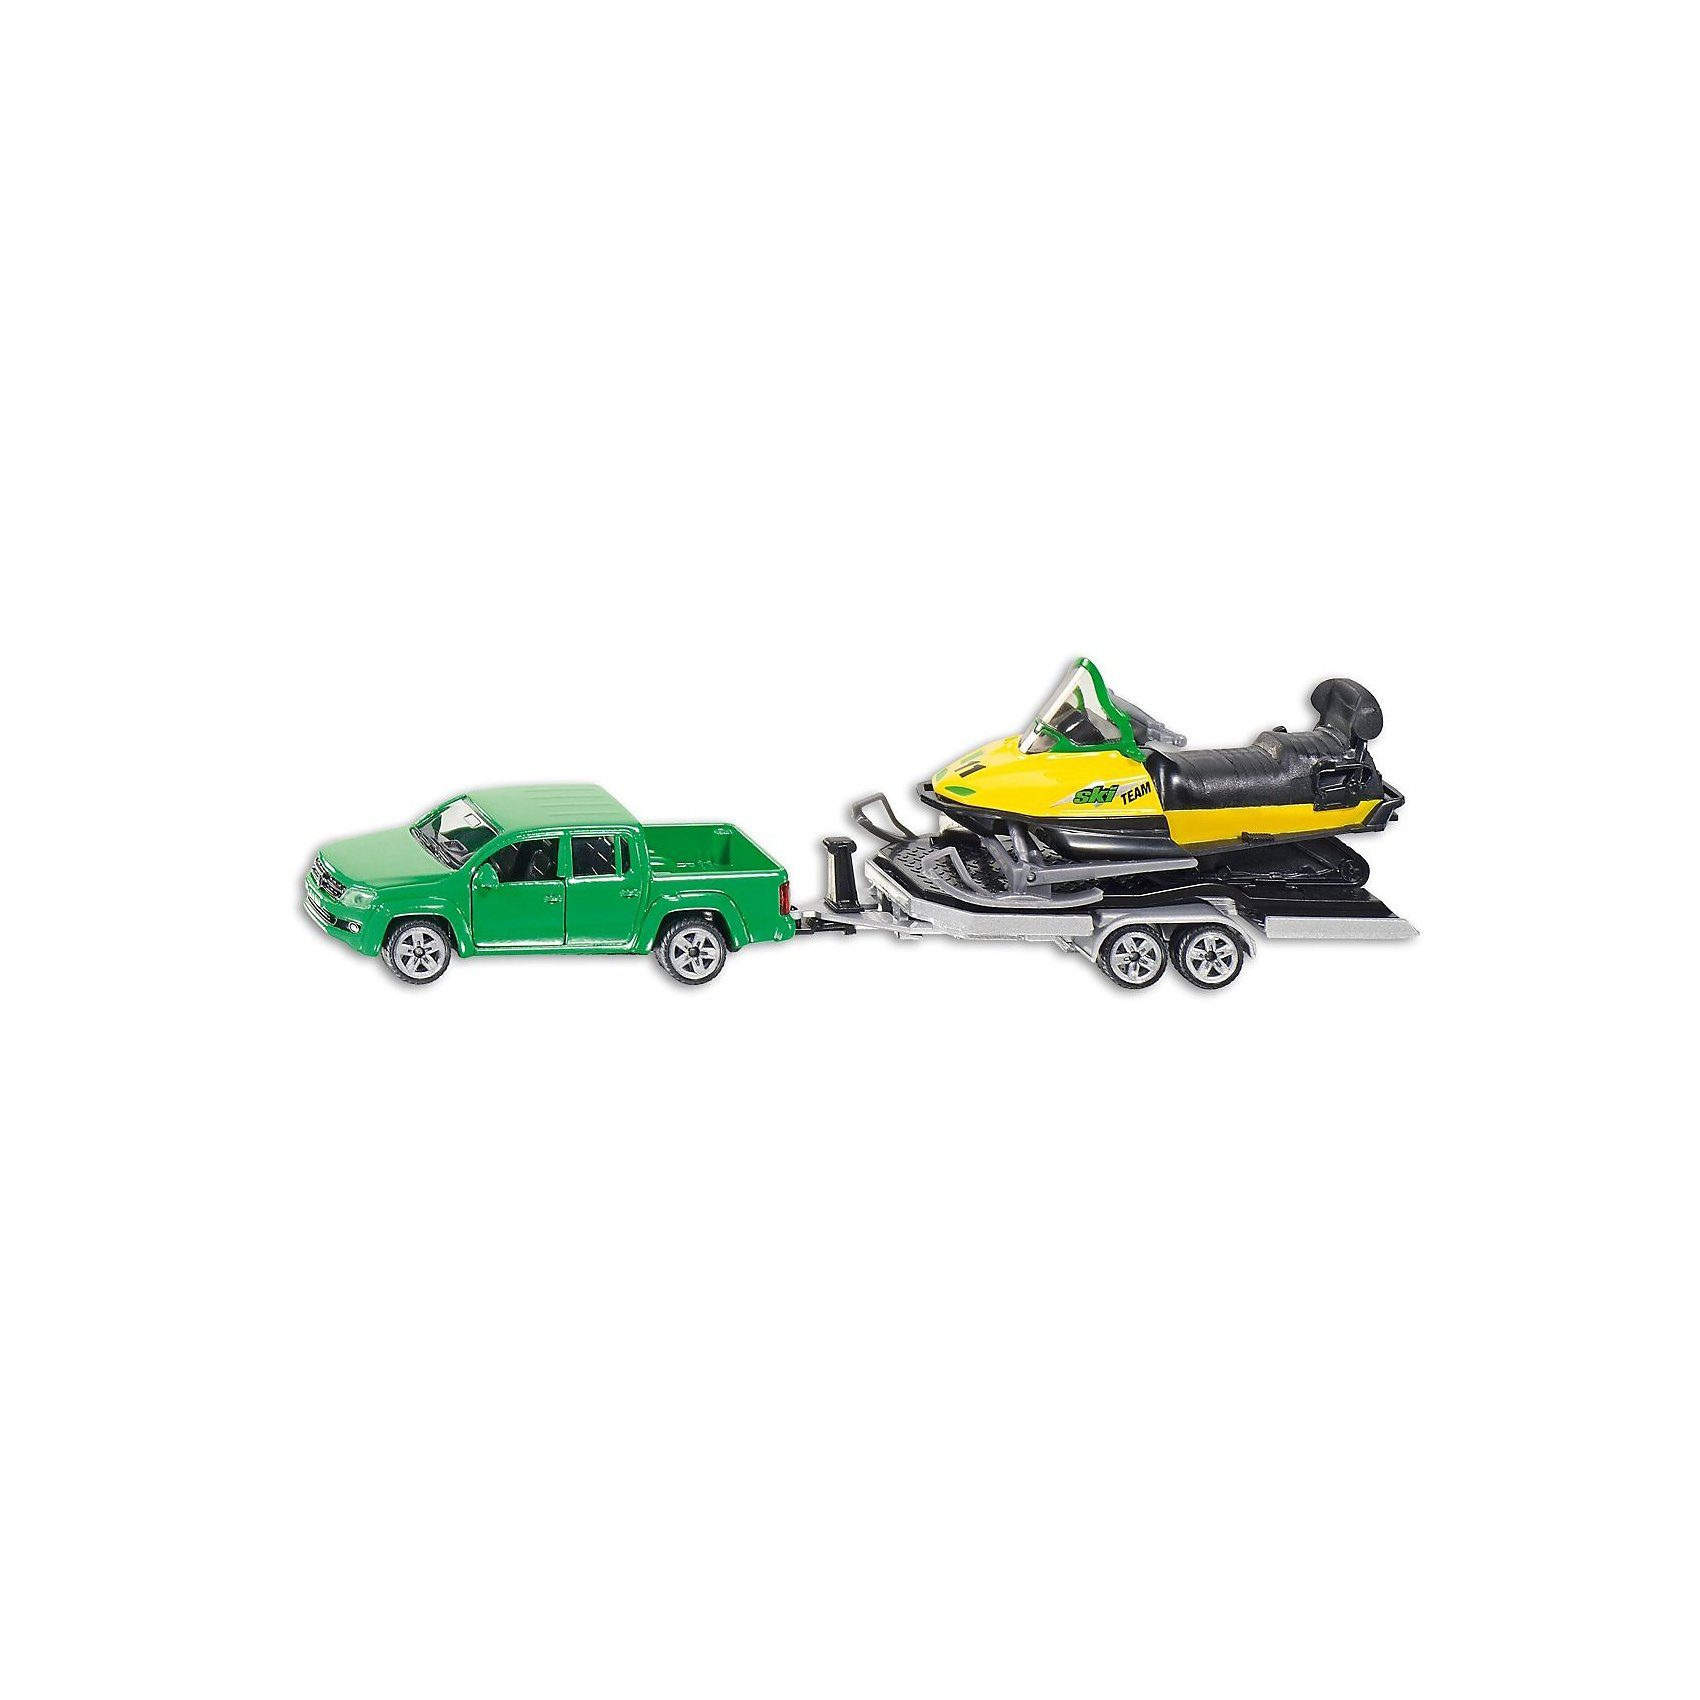 SIKU 2548 PKW mit Anhänger und Snowmobil 1:50